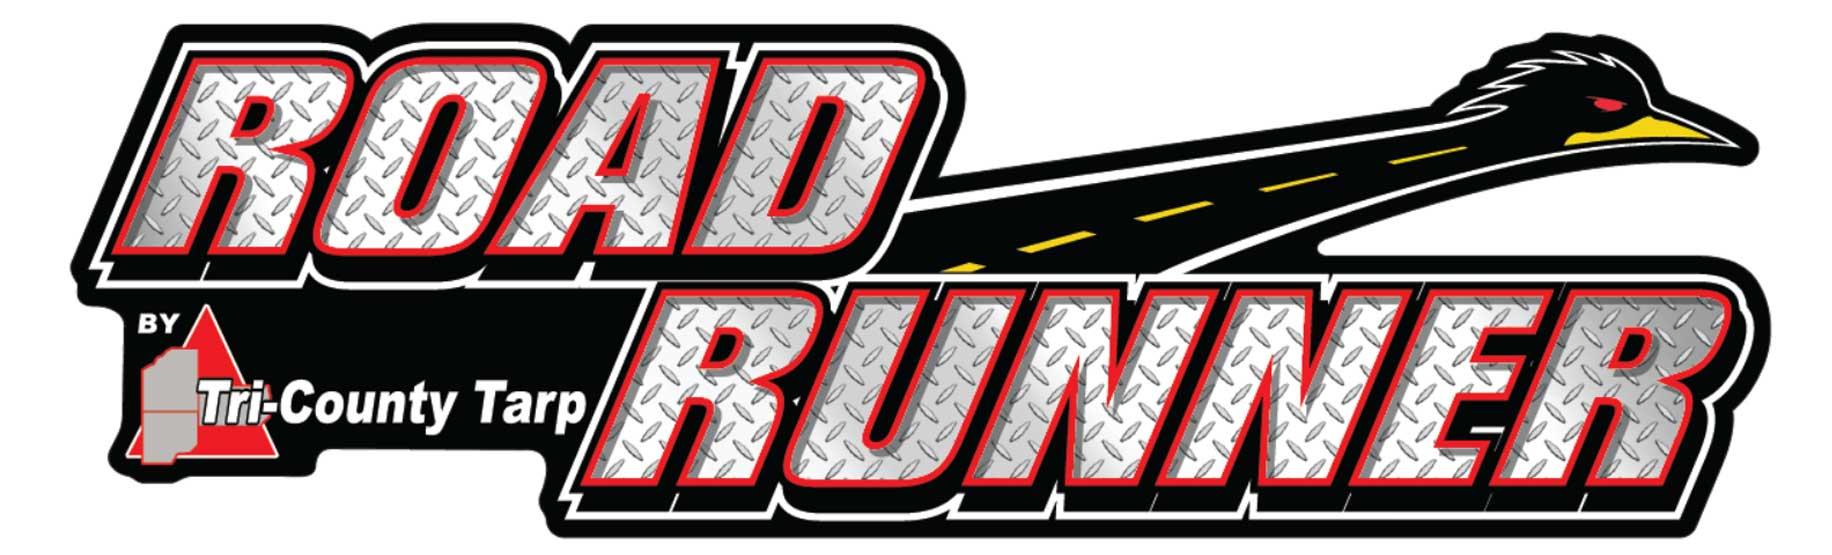 RoadRunner Sliding Tarp System